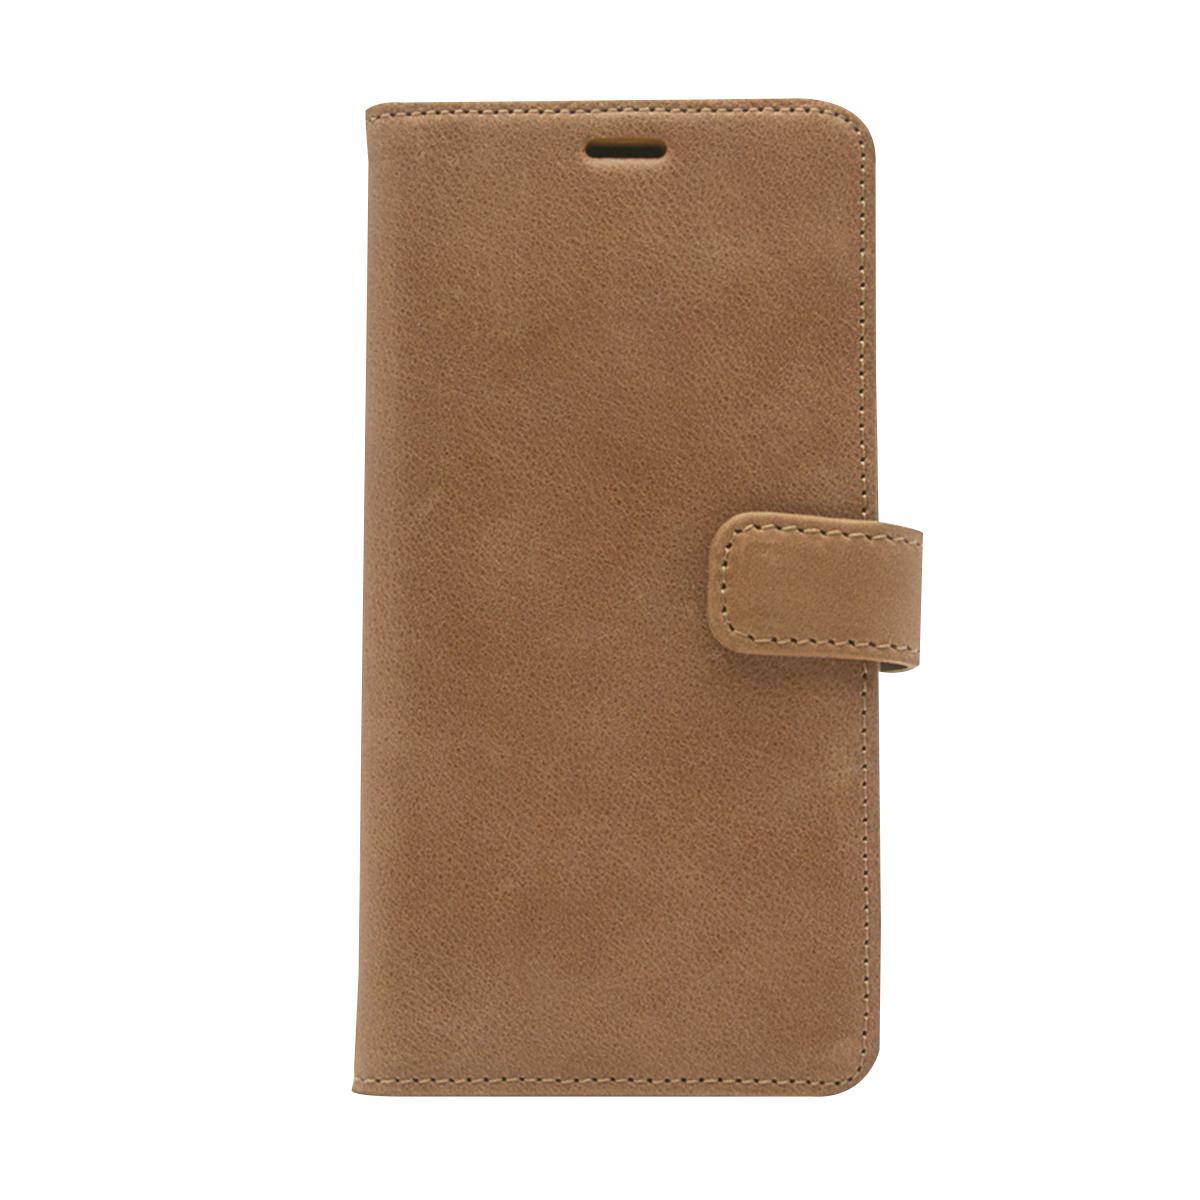 72bf06ea20 iPhone XS / X / iPhone XR ケース 手帳型 本革 ZENUS Vintage Diary(ゼヌス ビンテージダイアリー)